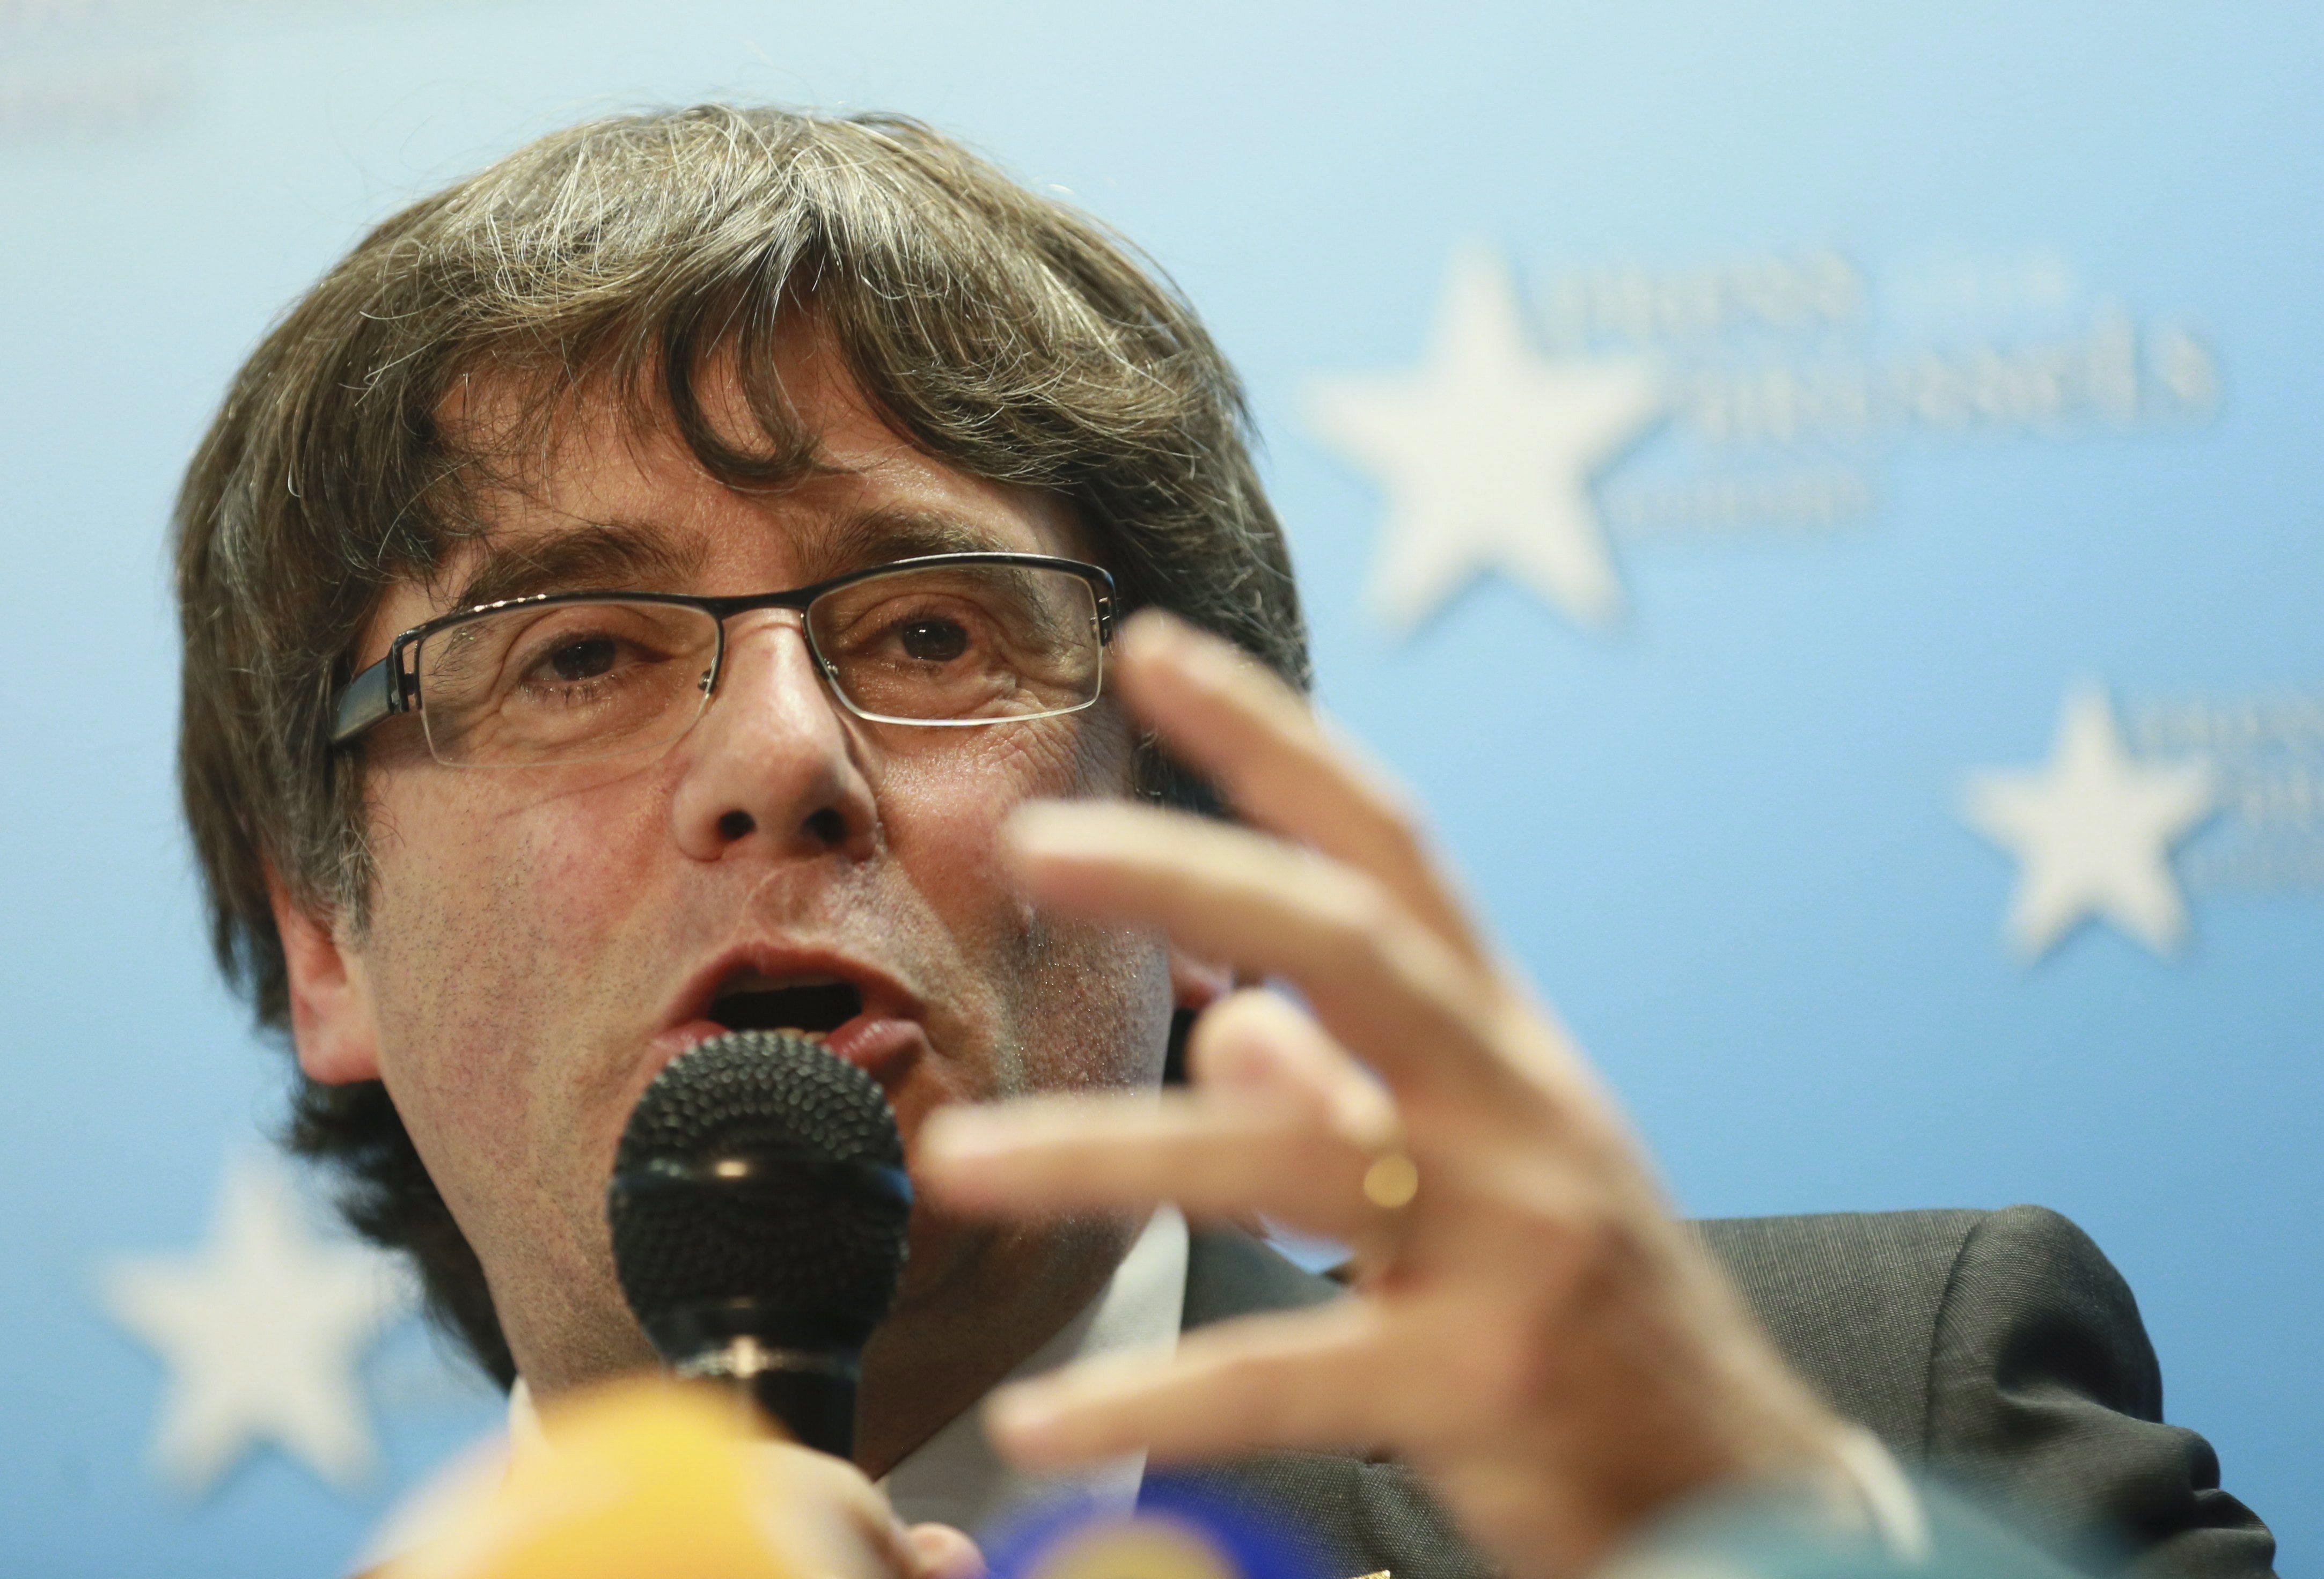 Brüsszel, 2017. október 31. Carles Puigdemont leváltott katalán elnök sajtótájékoztatót tart Brüsszelben 2017. október 31-én. Egy nappal korábban José Manuel Maza spanyol állami főügyész büntetőeljárást kezdeményezett a feloszlatott katalán kormány, valamint a katalán parlament elnökségének tagjai ellen lázadás, zendülés, hűtlen kezelés és egyéb bűncselekmények miatt. Puigdemont bejelentette, hogy nem kér politikai menedéket Belgiumban. (MTI/EPA/Olivier Hoslet)